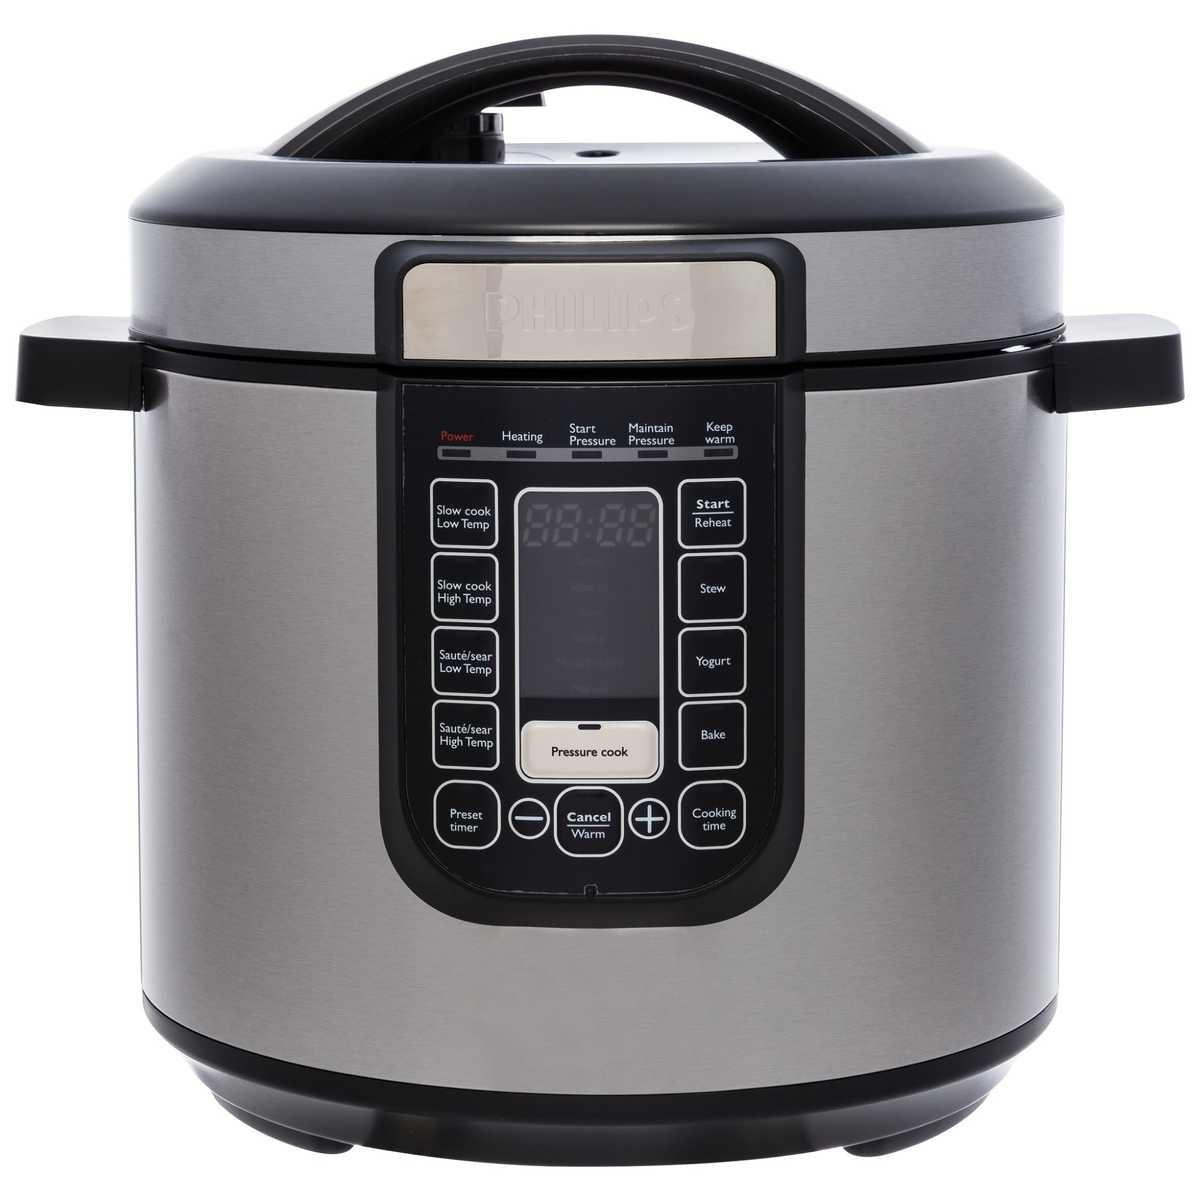 Fullsize Of Cooks Essential Pressure Cooker